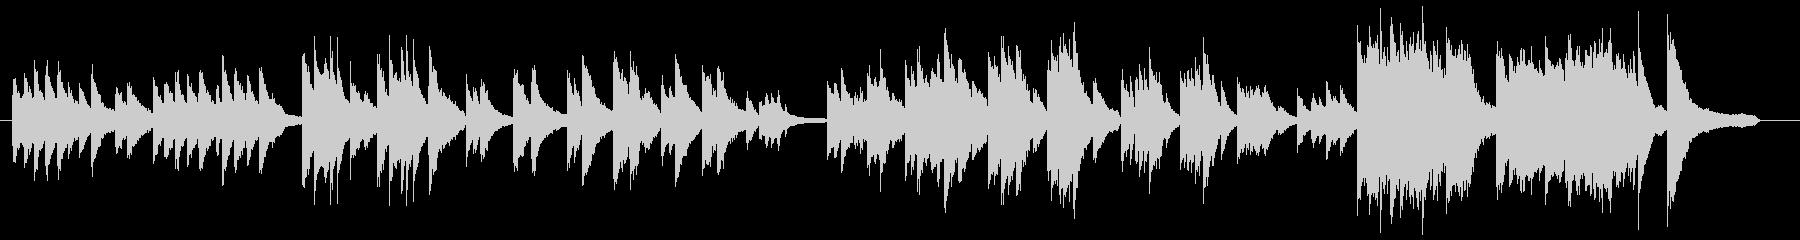 おしゃれなピアノソロのクラシックの未再生の波形